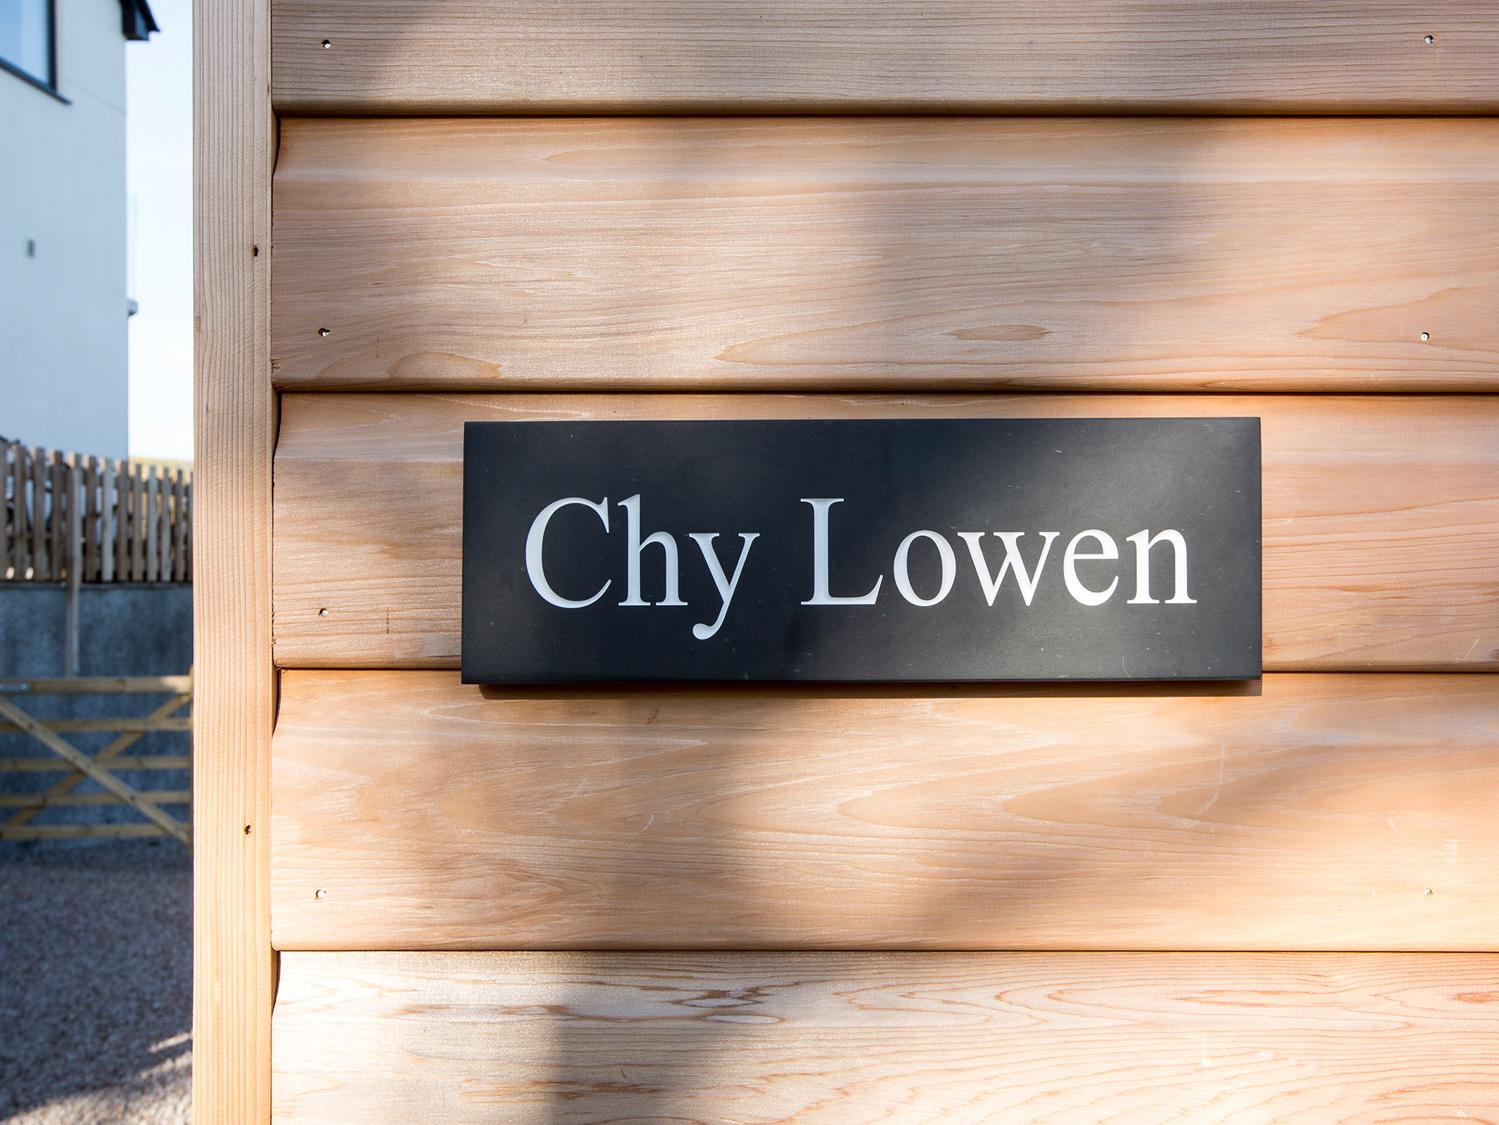 Chy Lowen